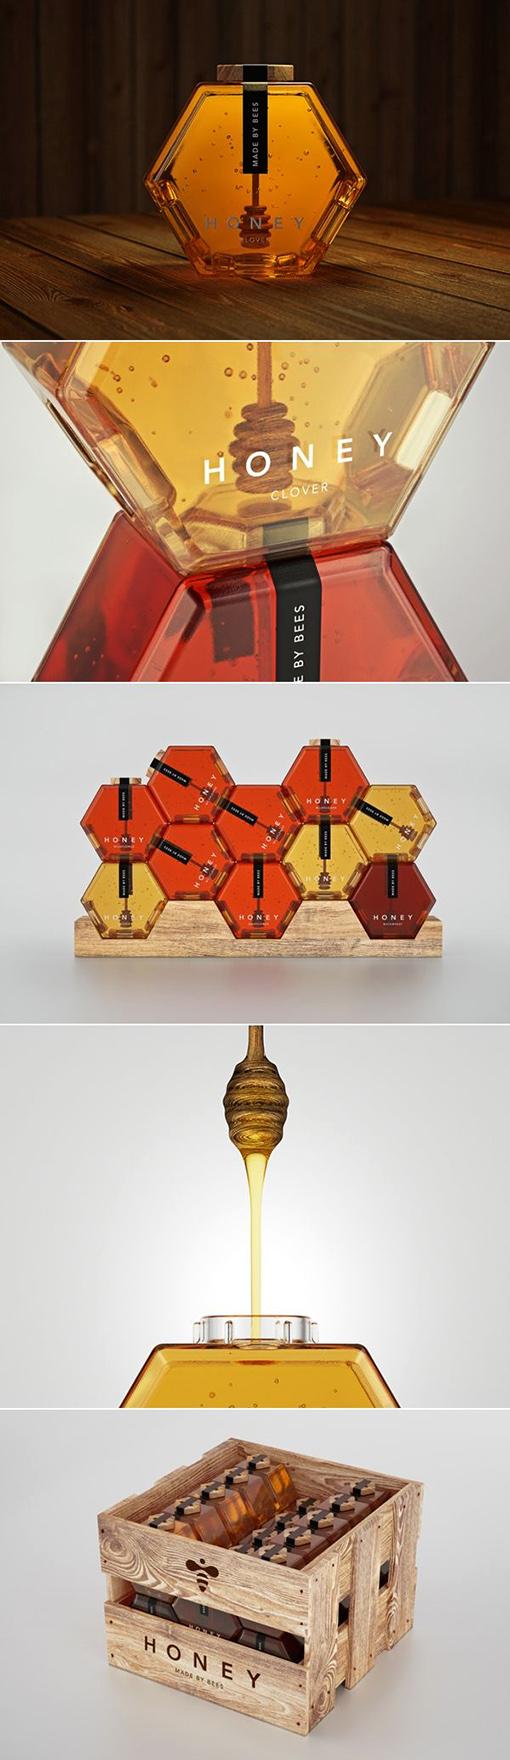 Honey Package Design